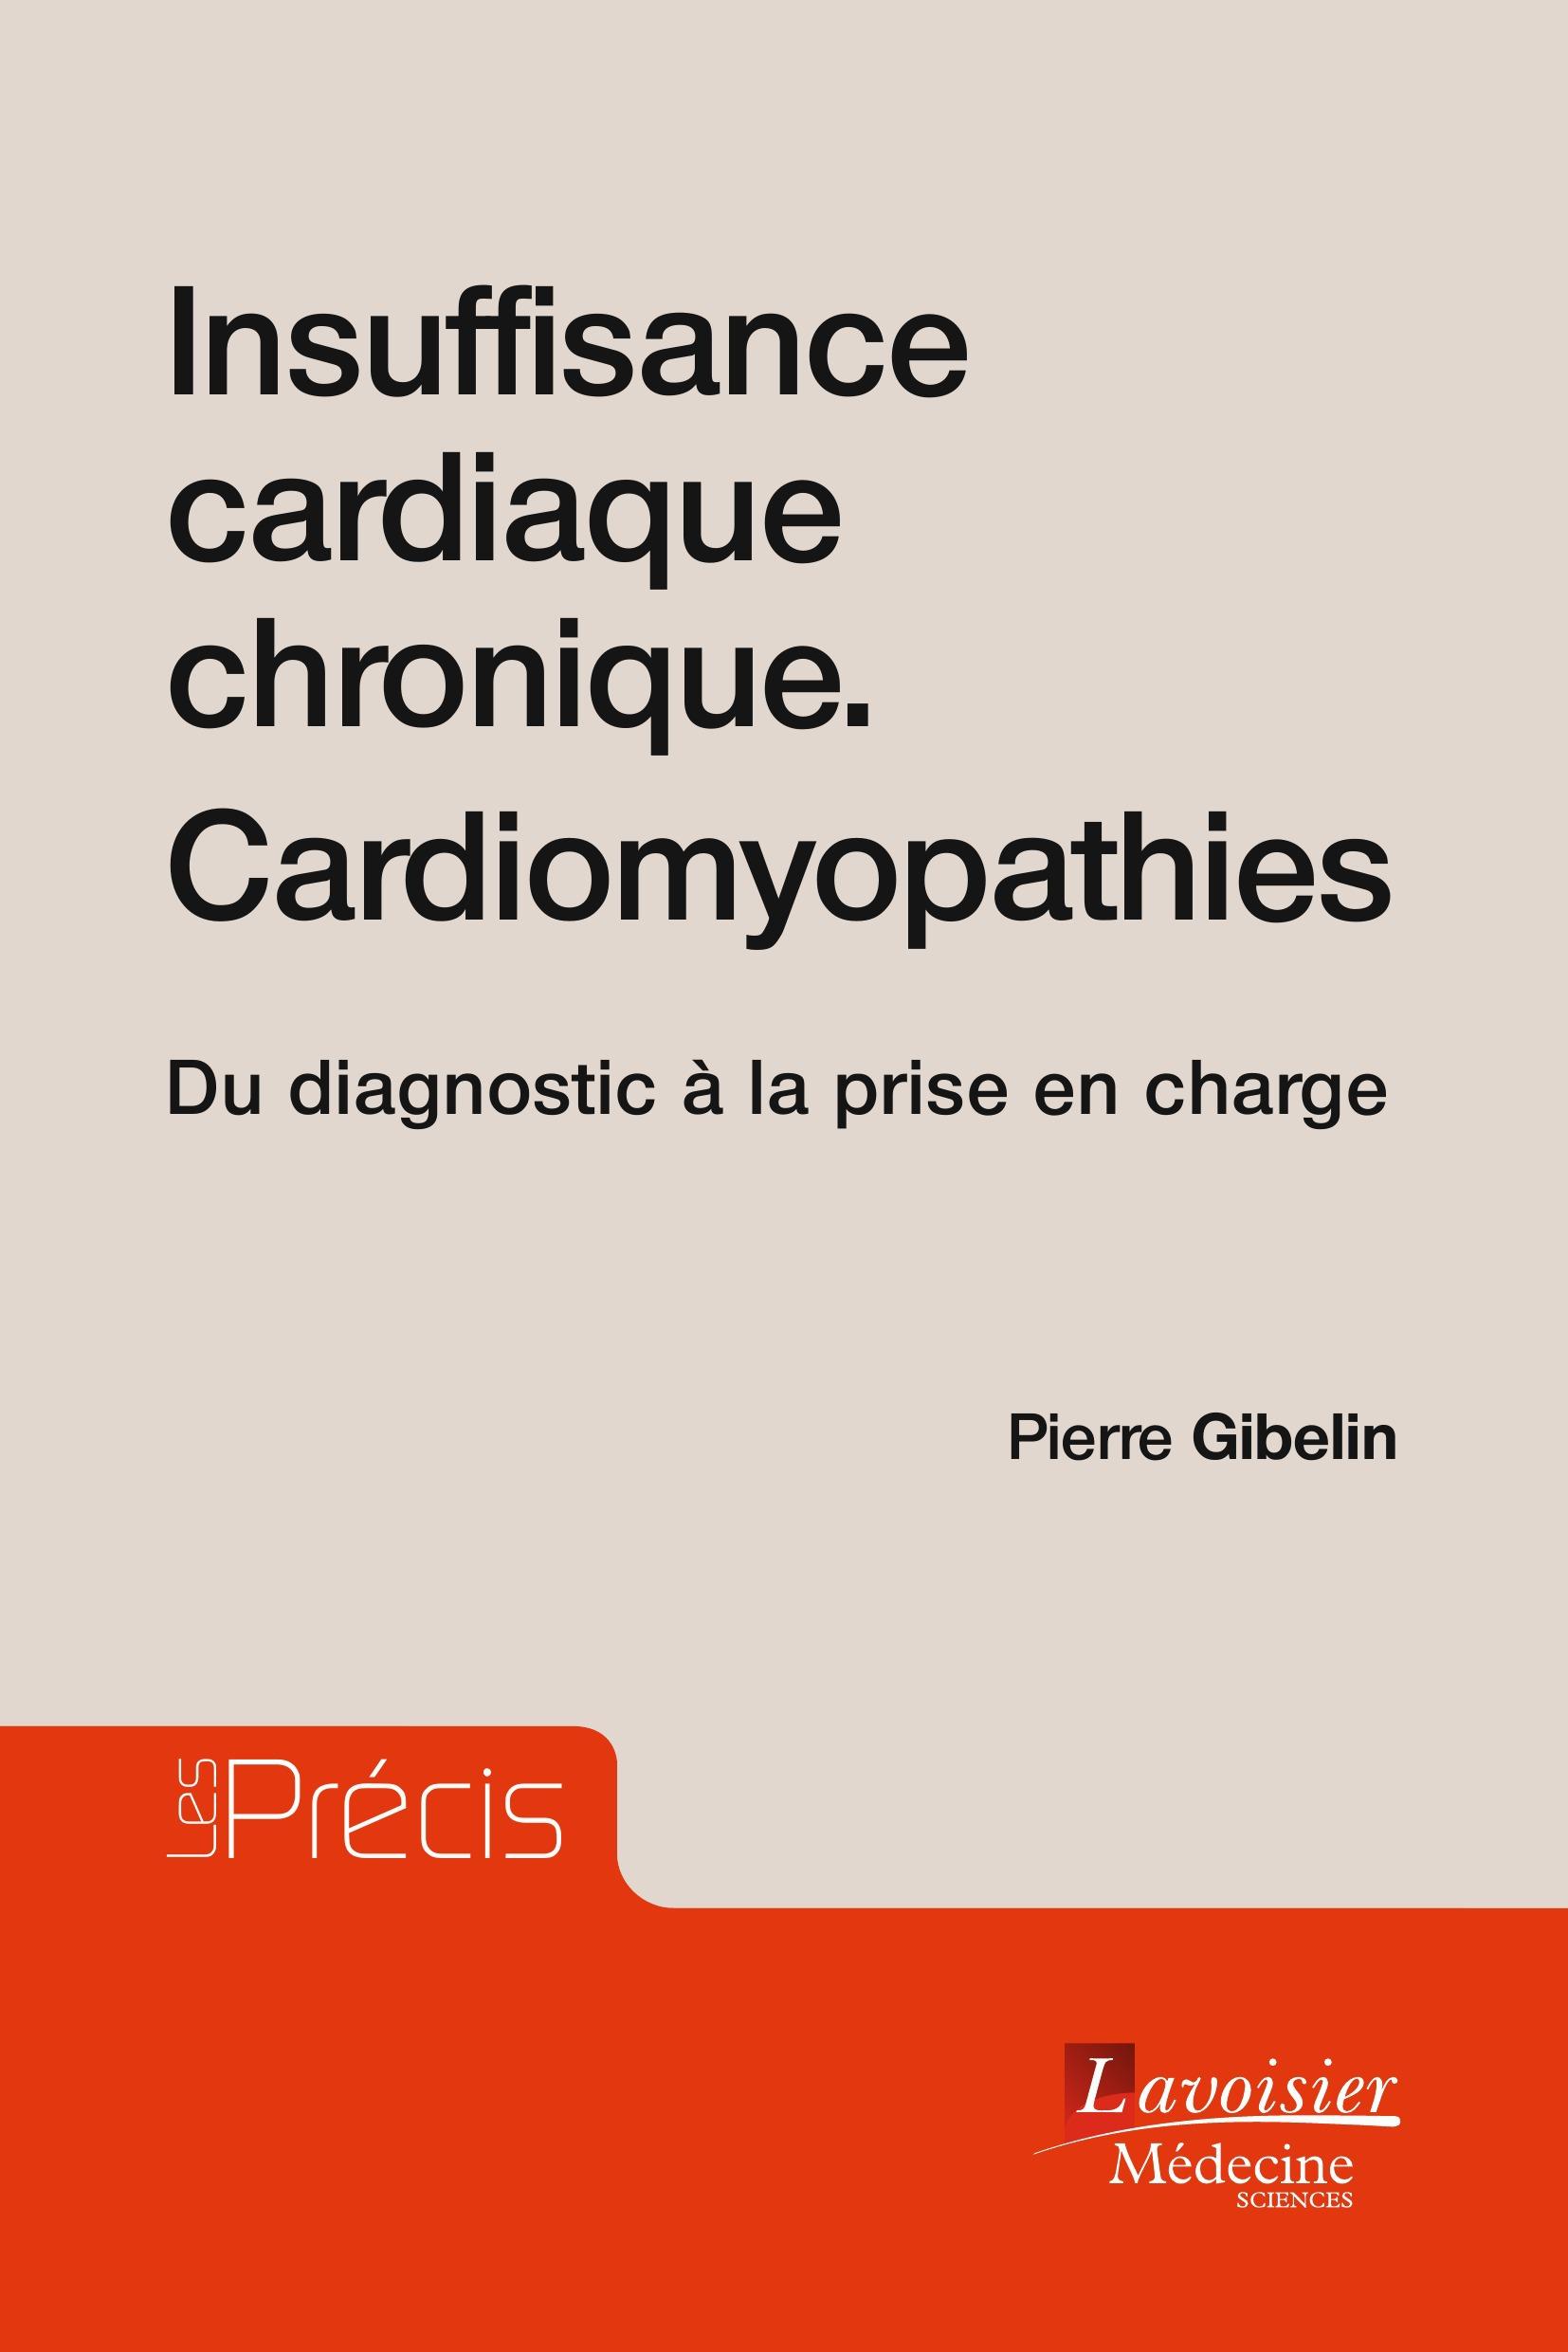 Prise en charge de l'insuffisance cardiaque chronique